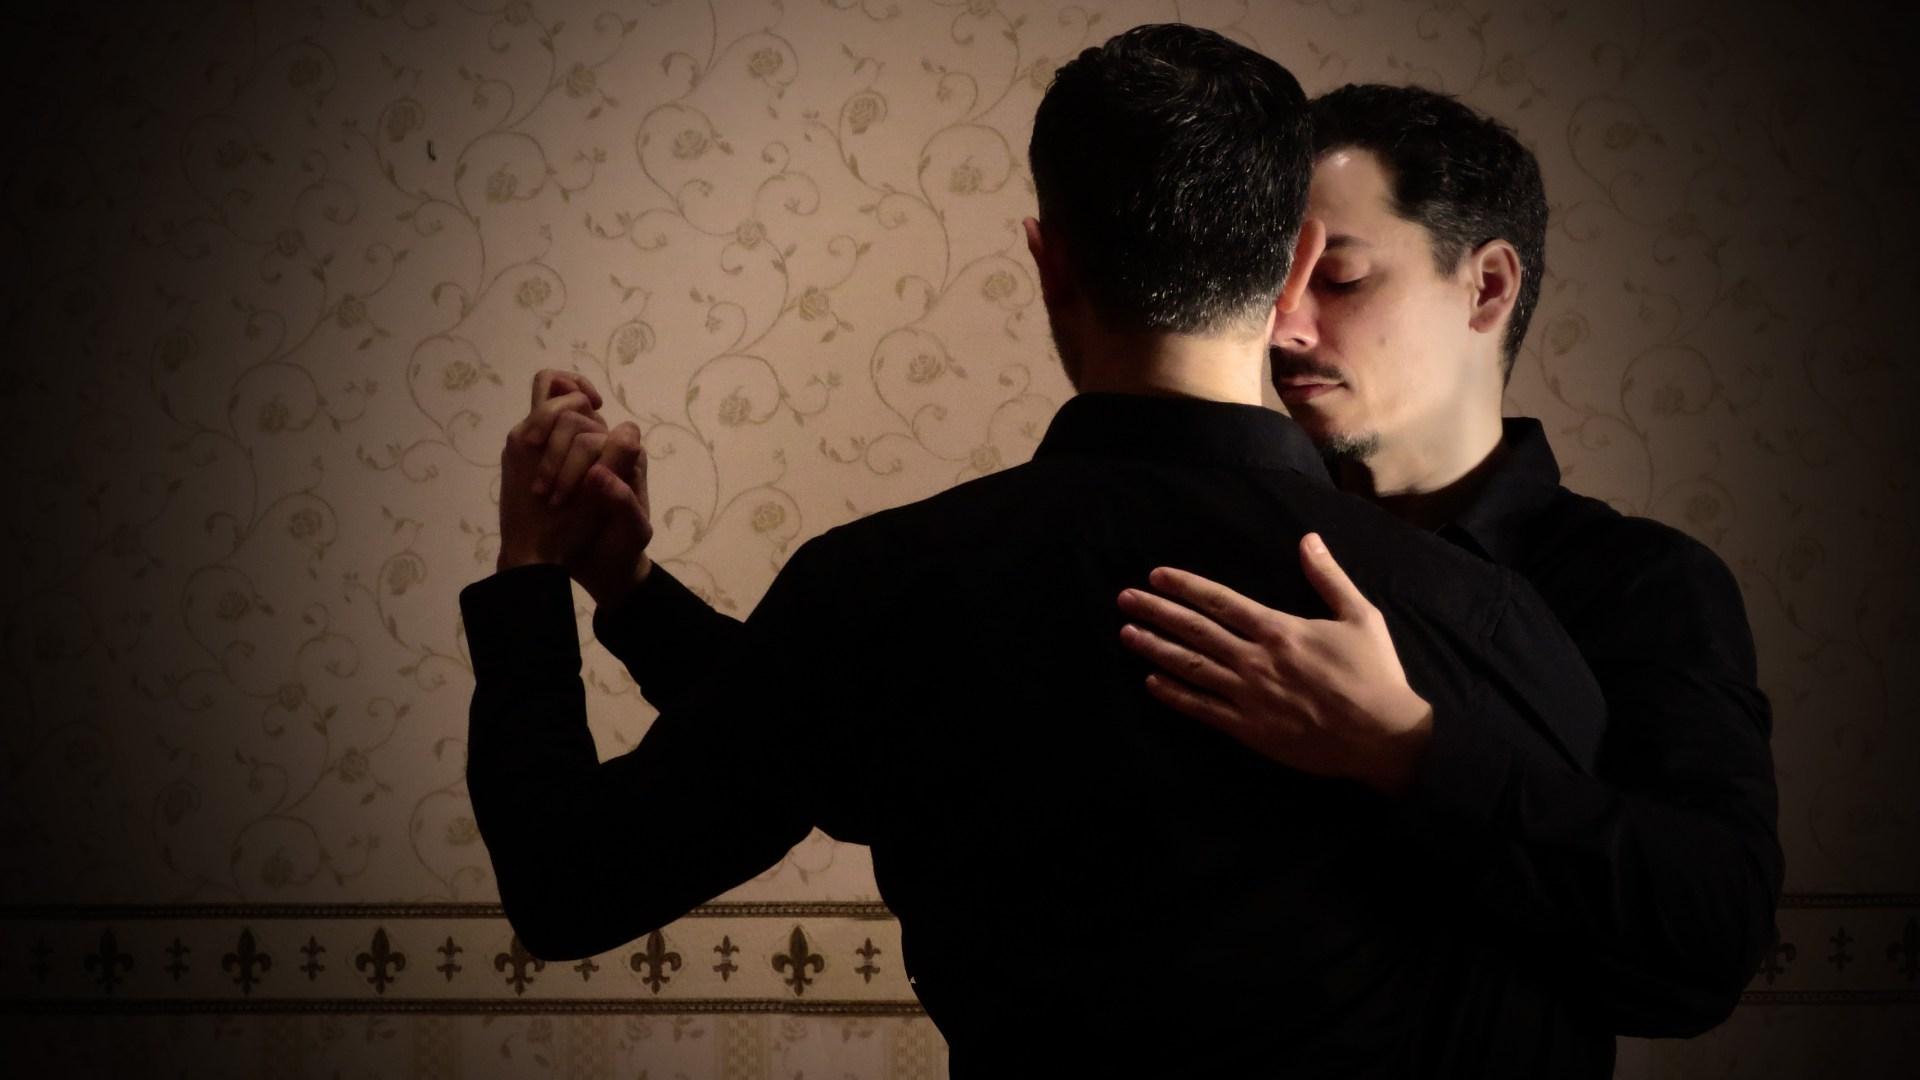 BİR İLK! Rusya'nın İlk Kuir Dans Festivali Gerçekleşmek Üzere!